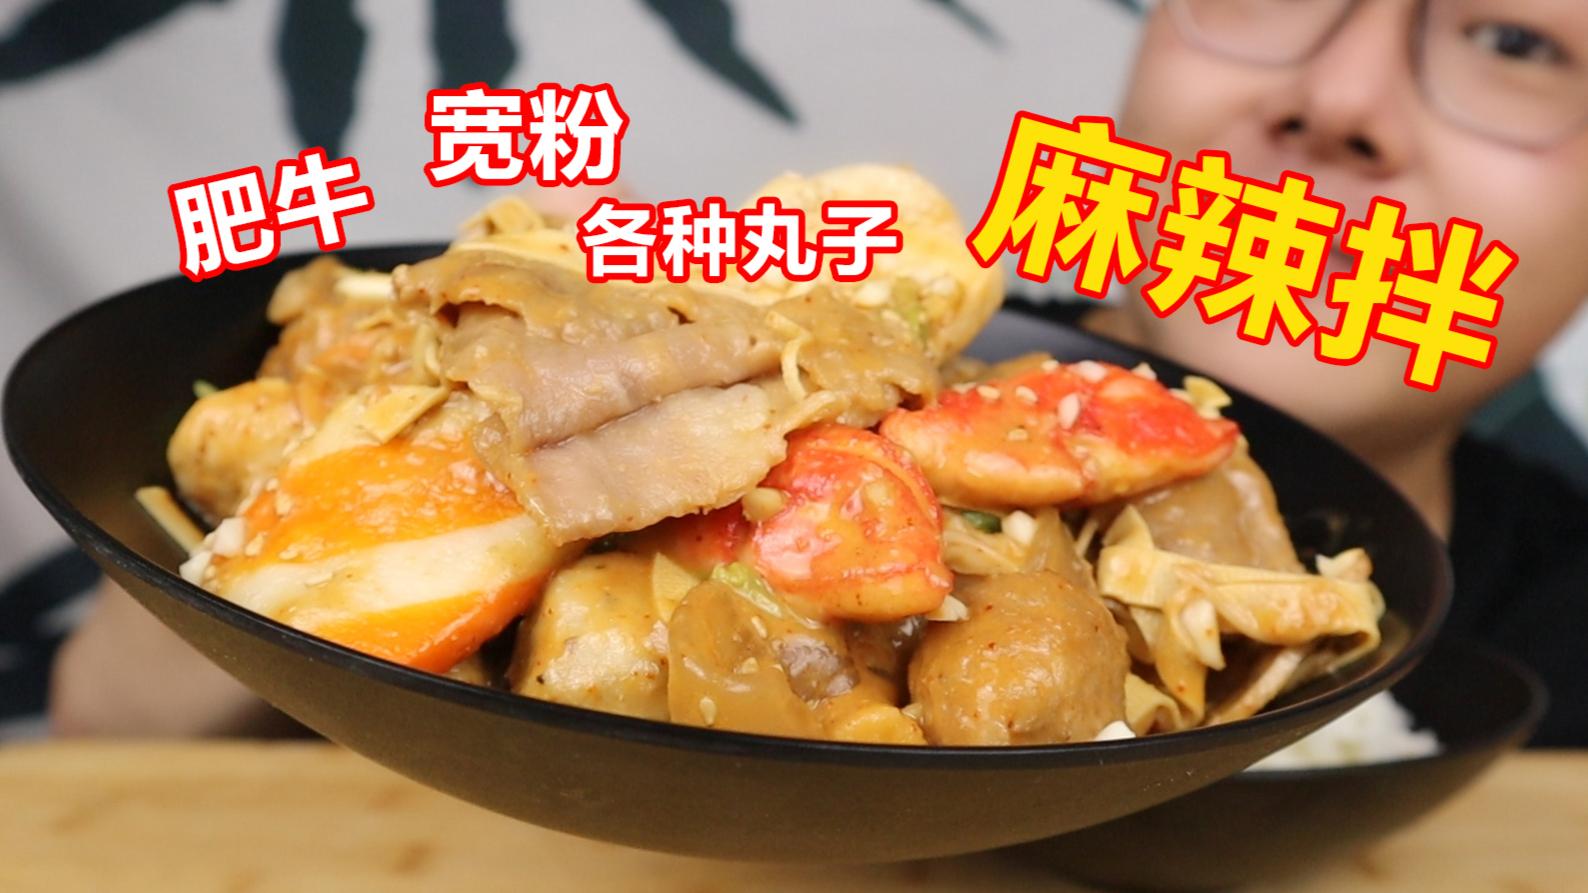 超好吃自制麻辣拌,肥牛宽粉配米饭,酸甜麻辣超下饭